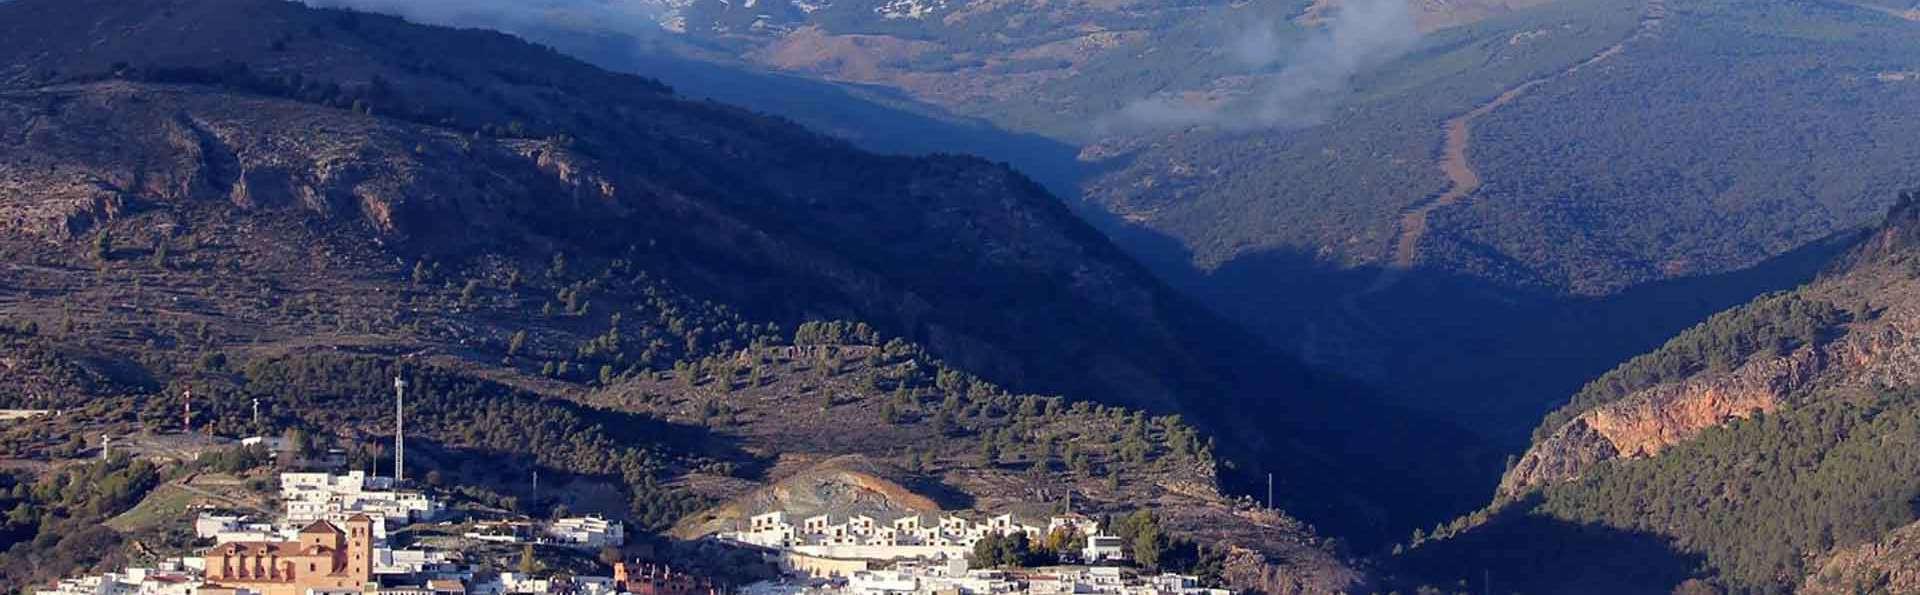 Escapada con visita a bodega y cata de vinos en plena Alpujarra